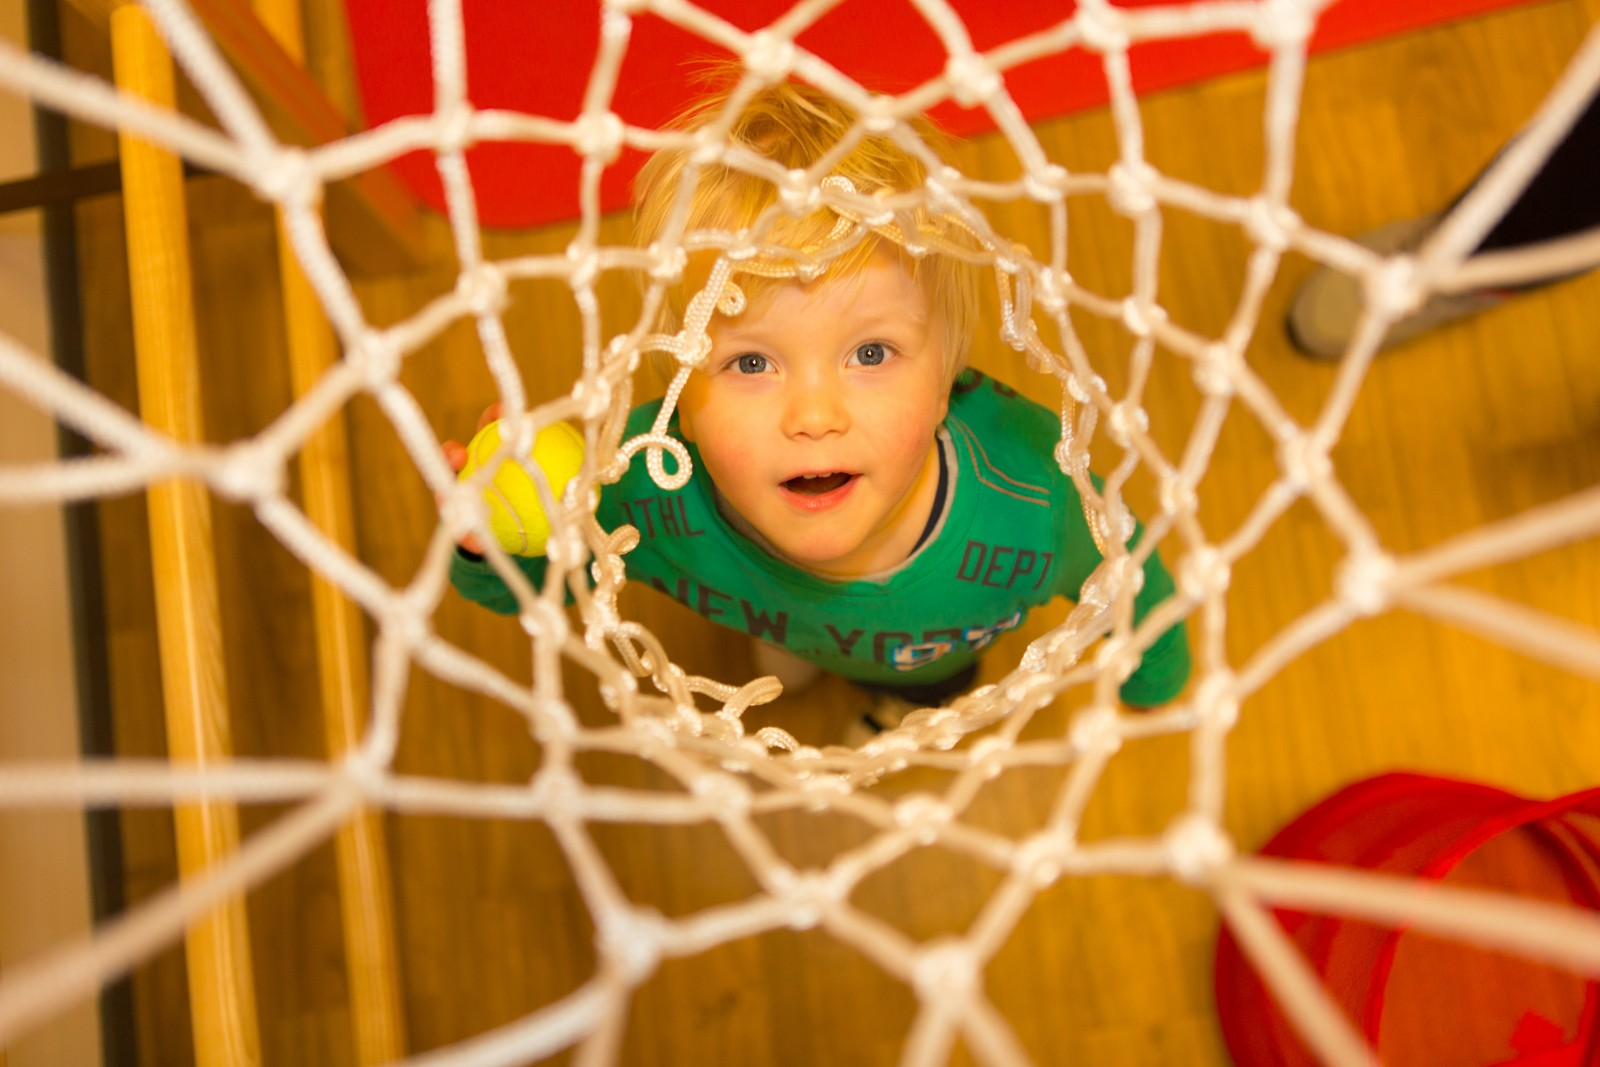 Kinderfysiotherapie voor uw kind?